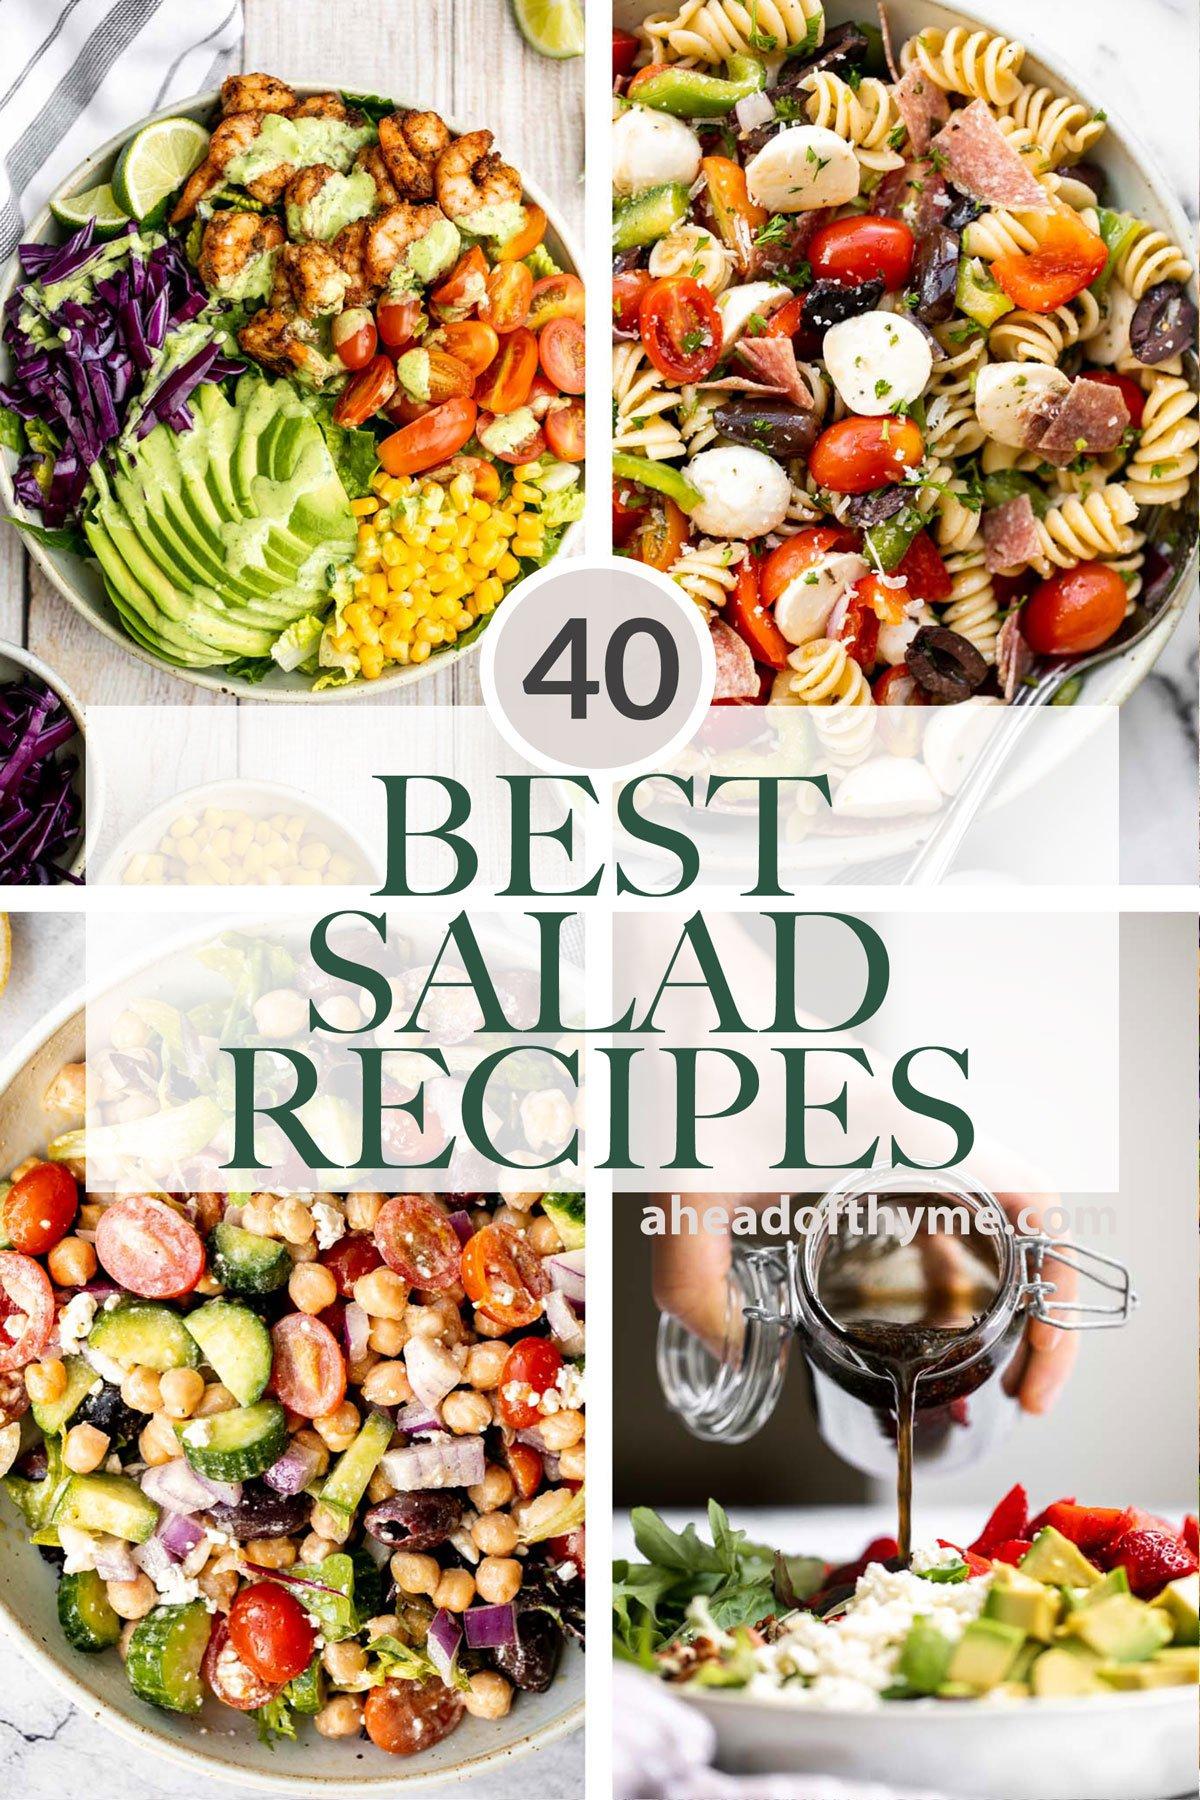 40 Best Salad Recipes